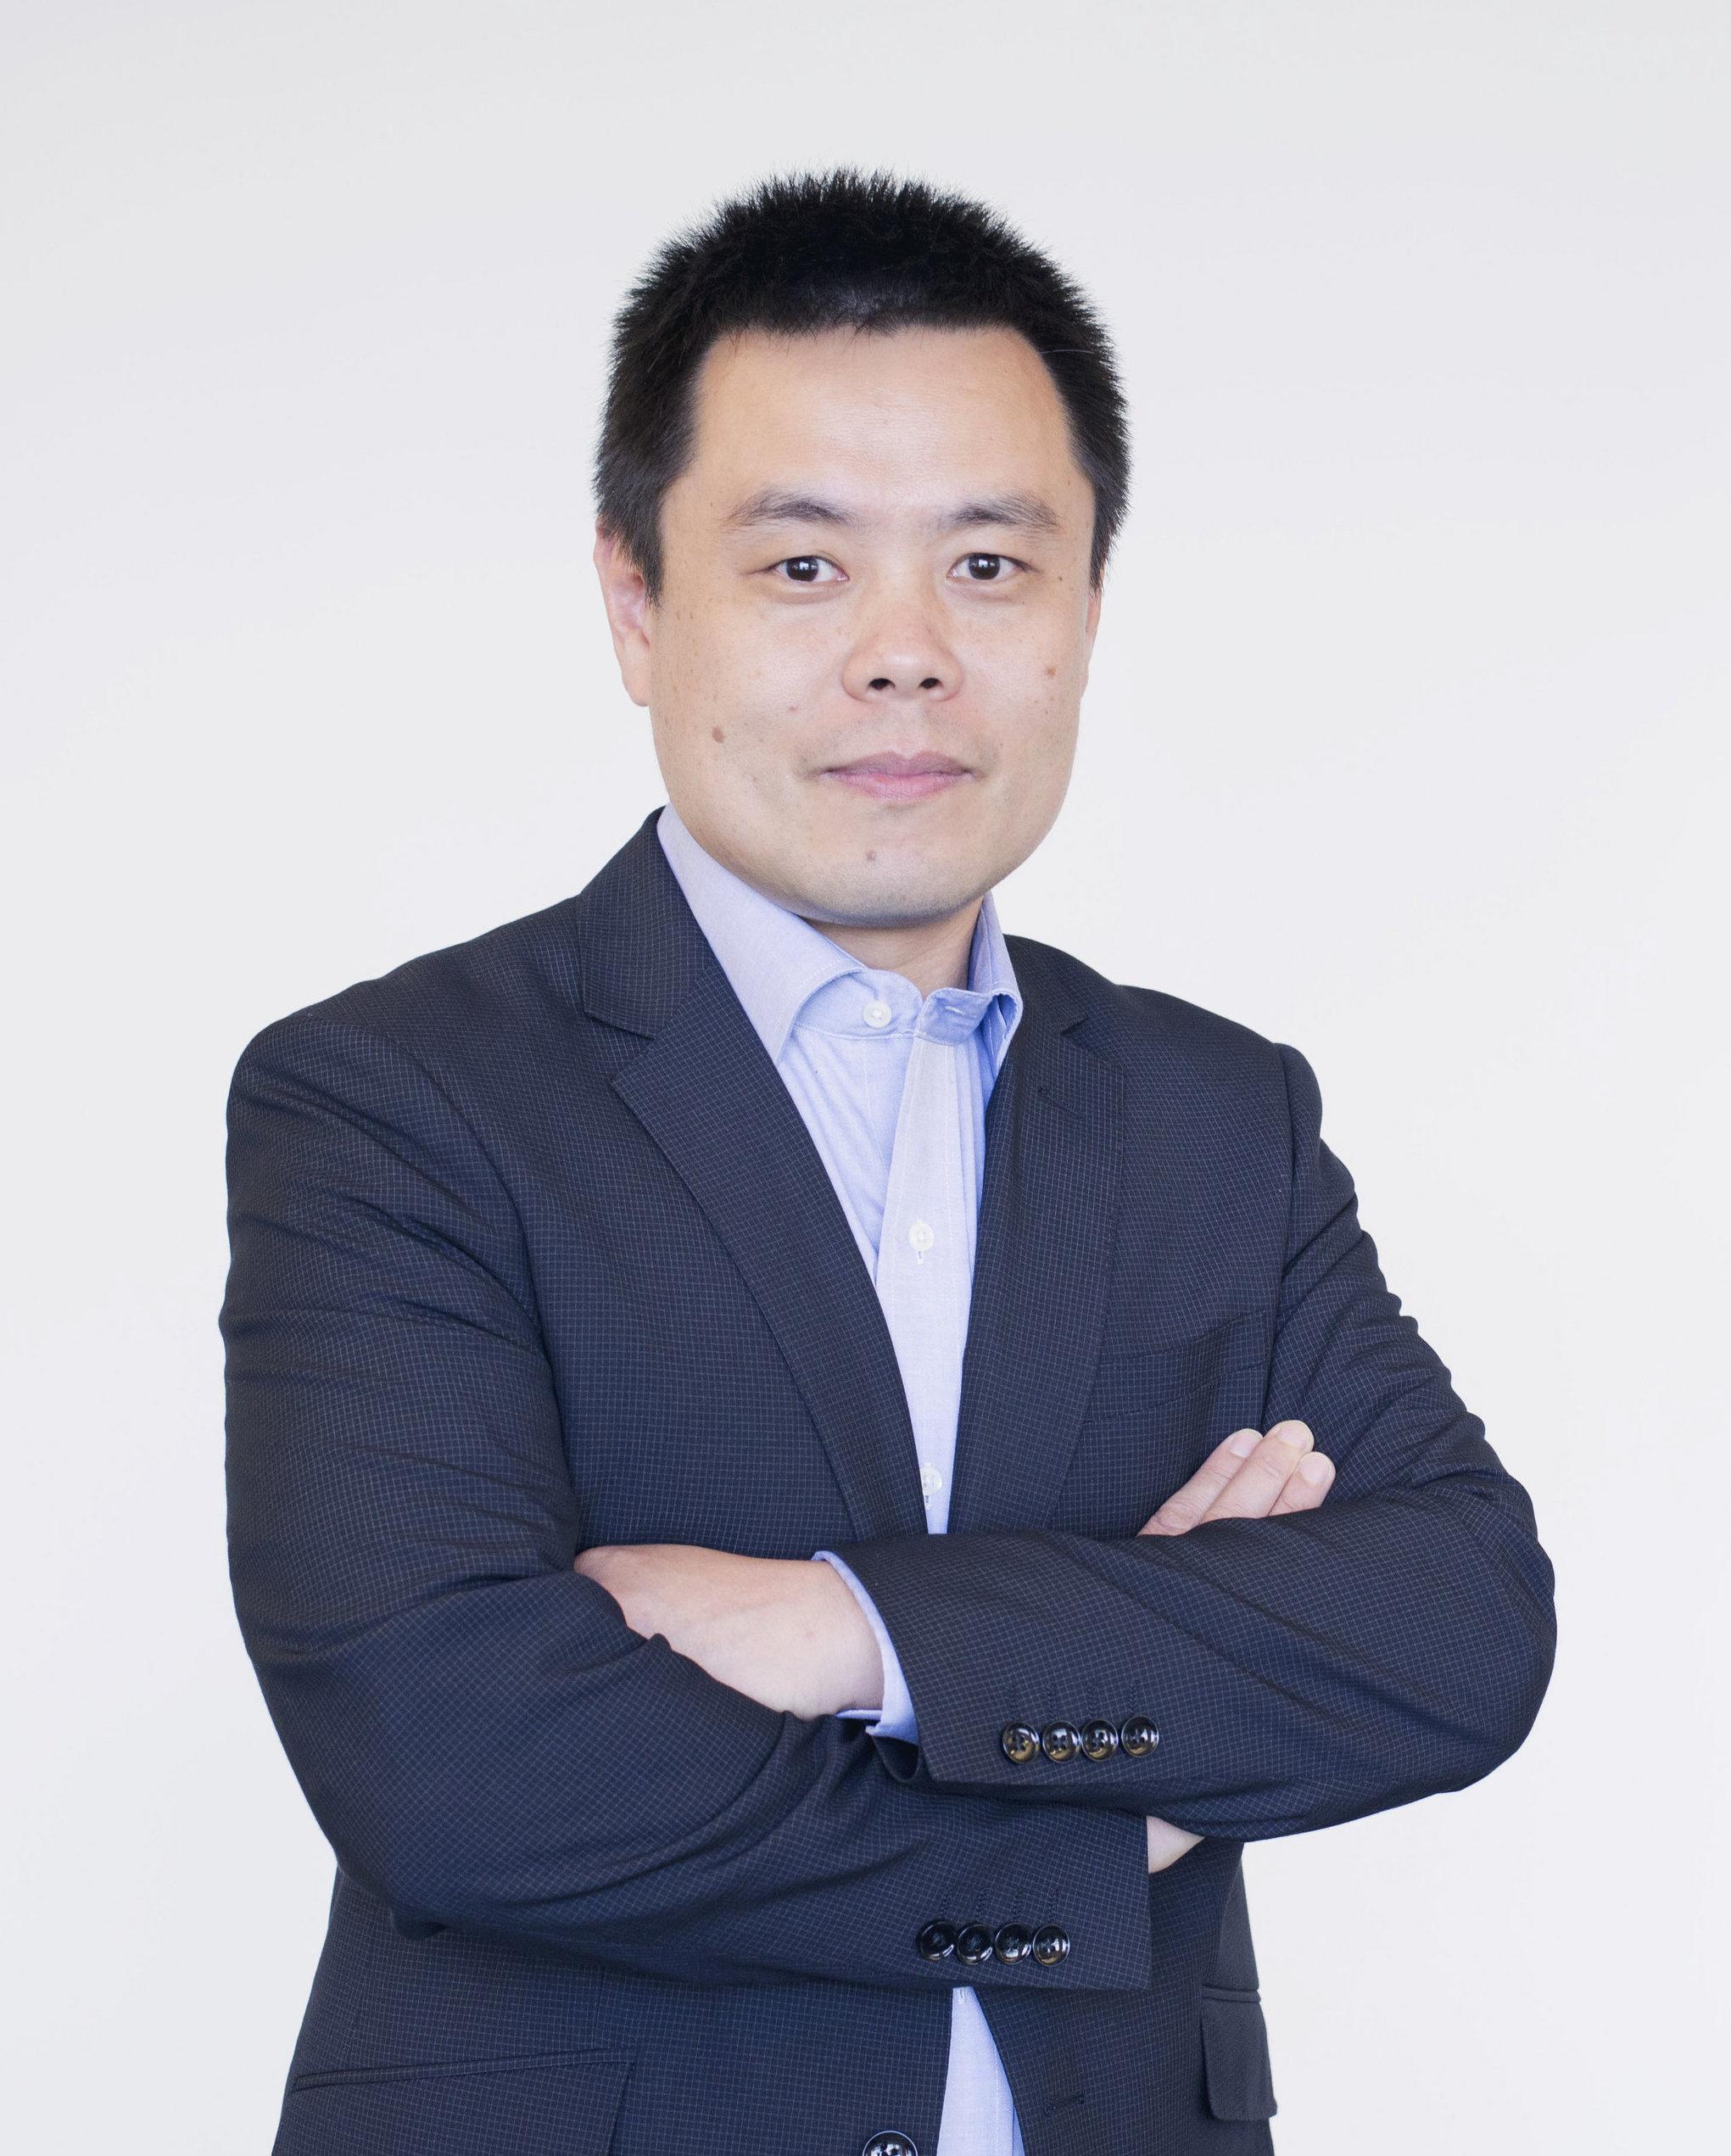 Zhou Wang_SSIMWAVE.jpg